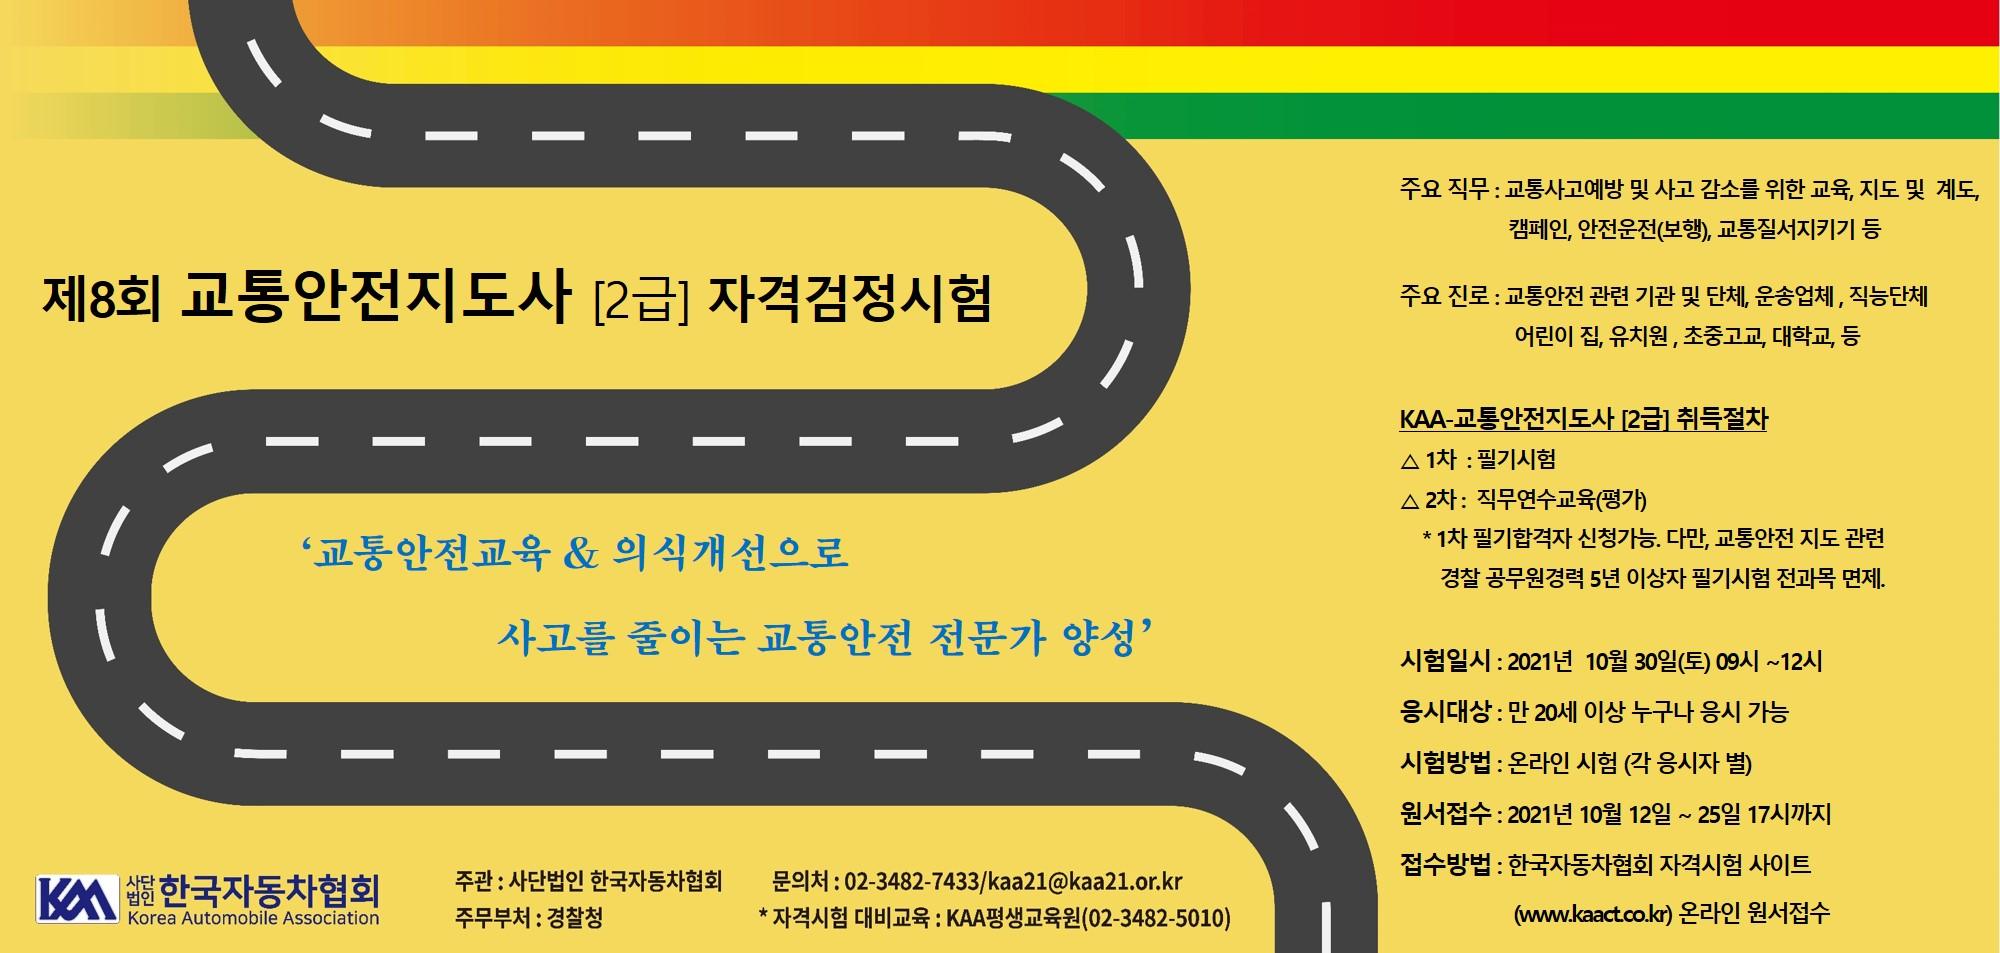 한국자동차협회,  '교통안전지도사' 자격검정시험 시행